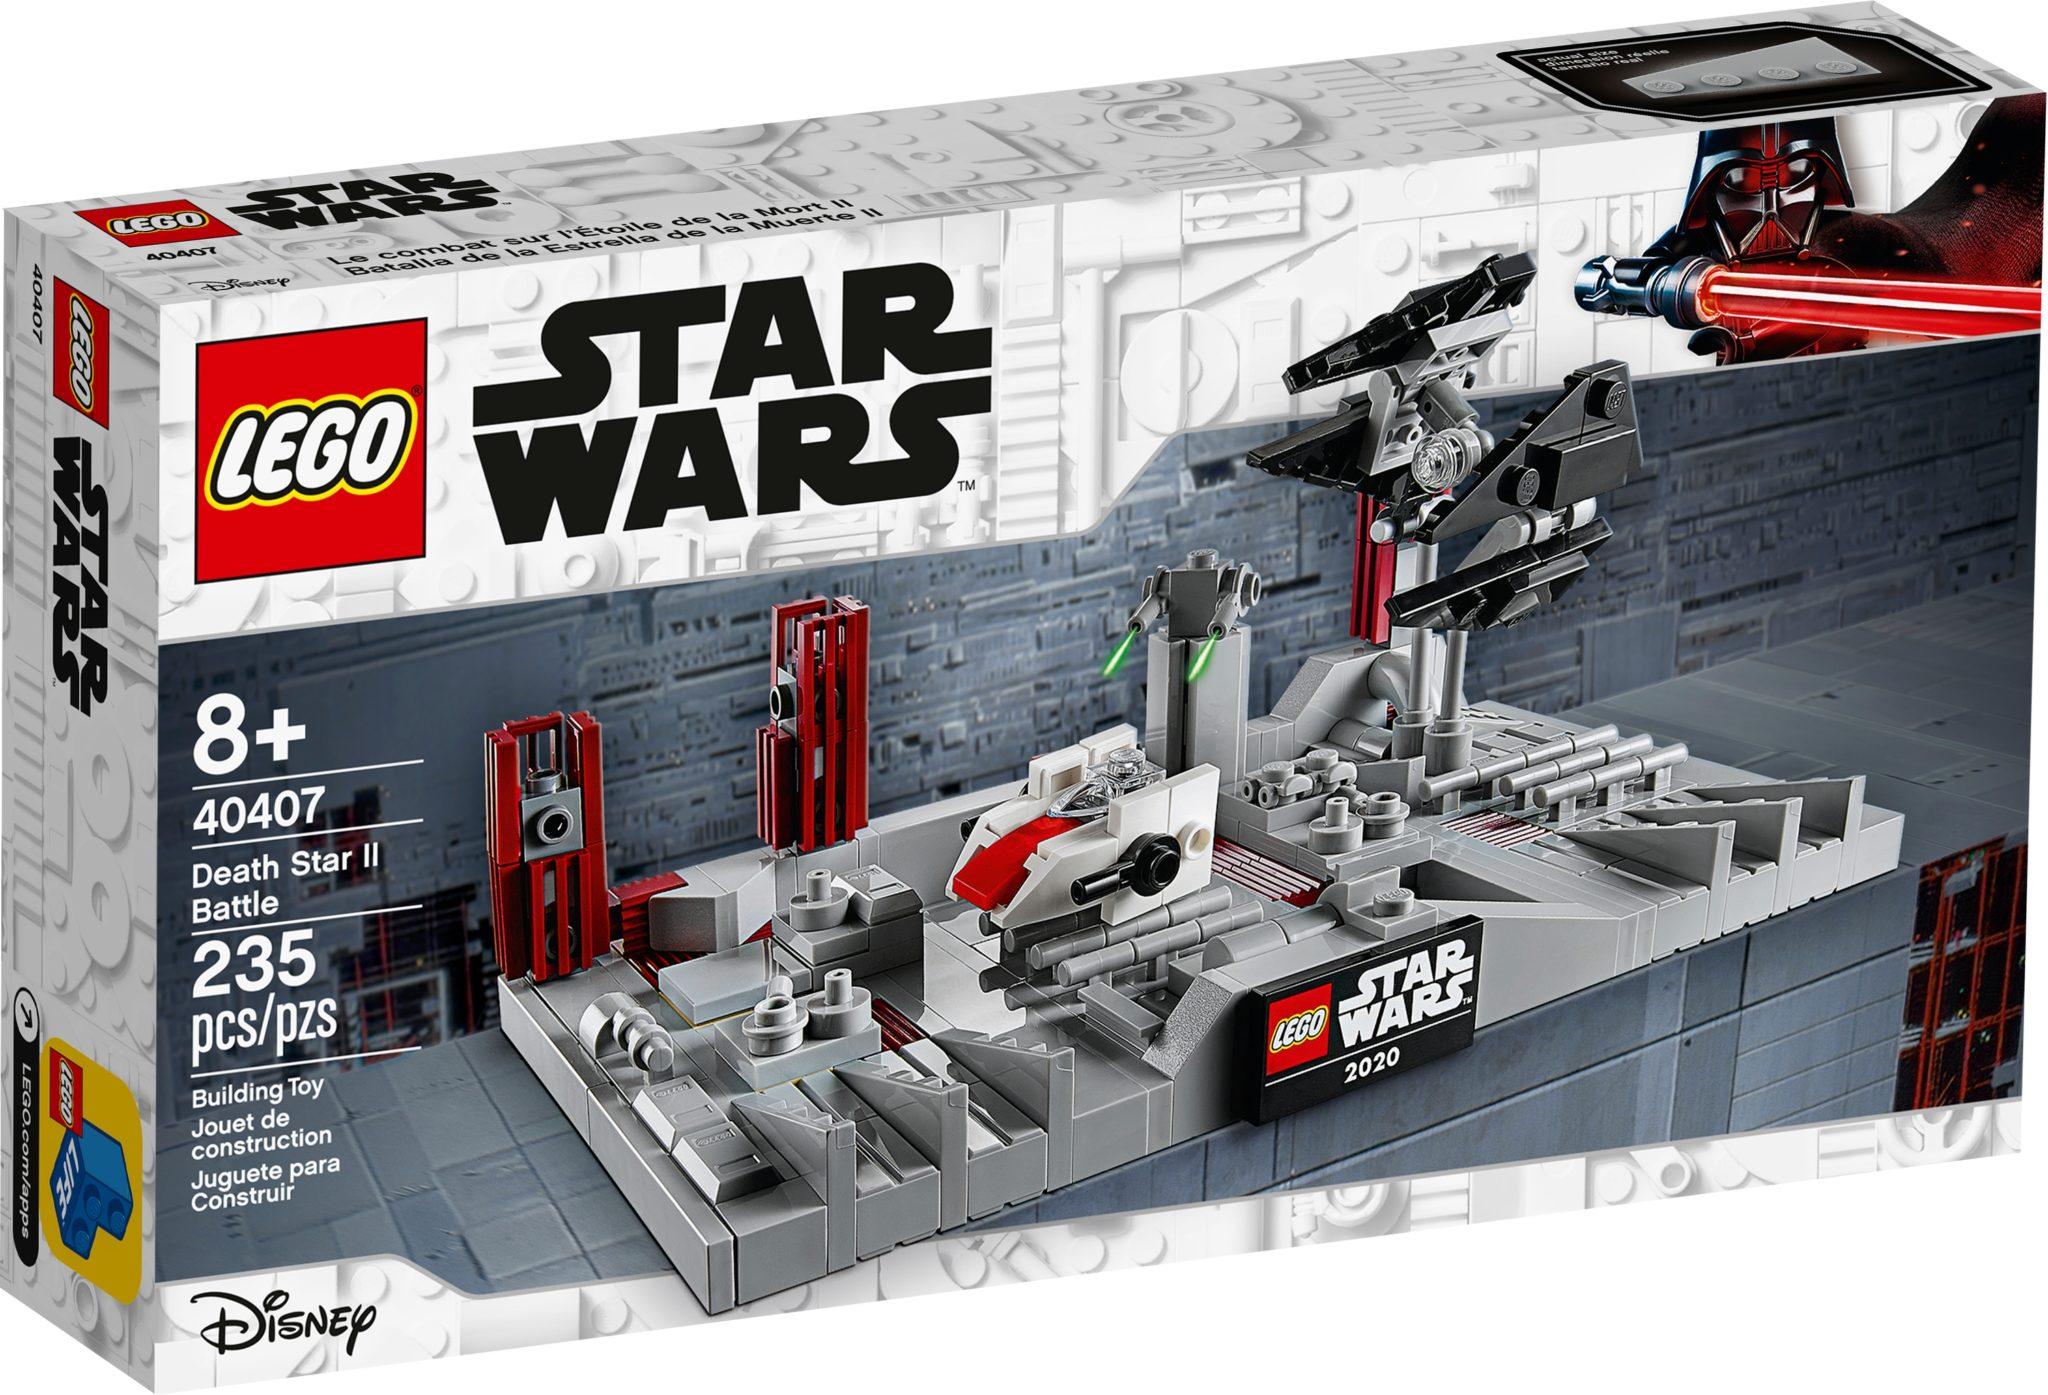 LEGO Star Wars 40407 Death Star 2 Battle als May the 4th Geschenk